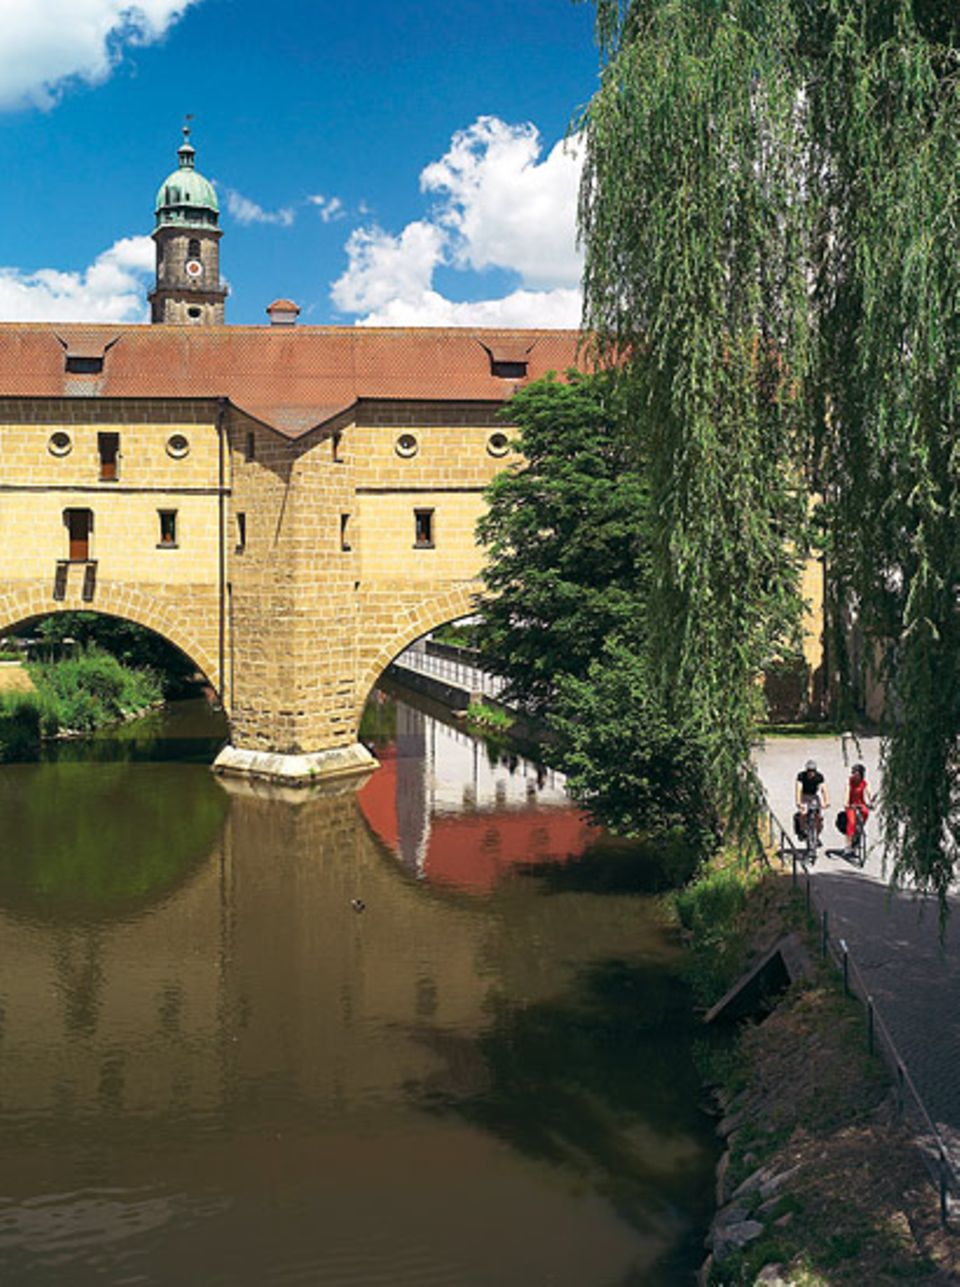 An der Vils entlang durchs mittelalterliche Stadtor in Amberg